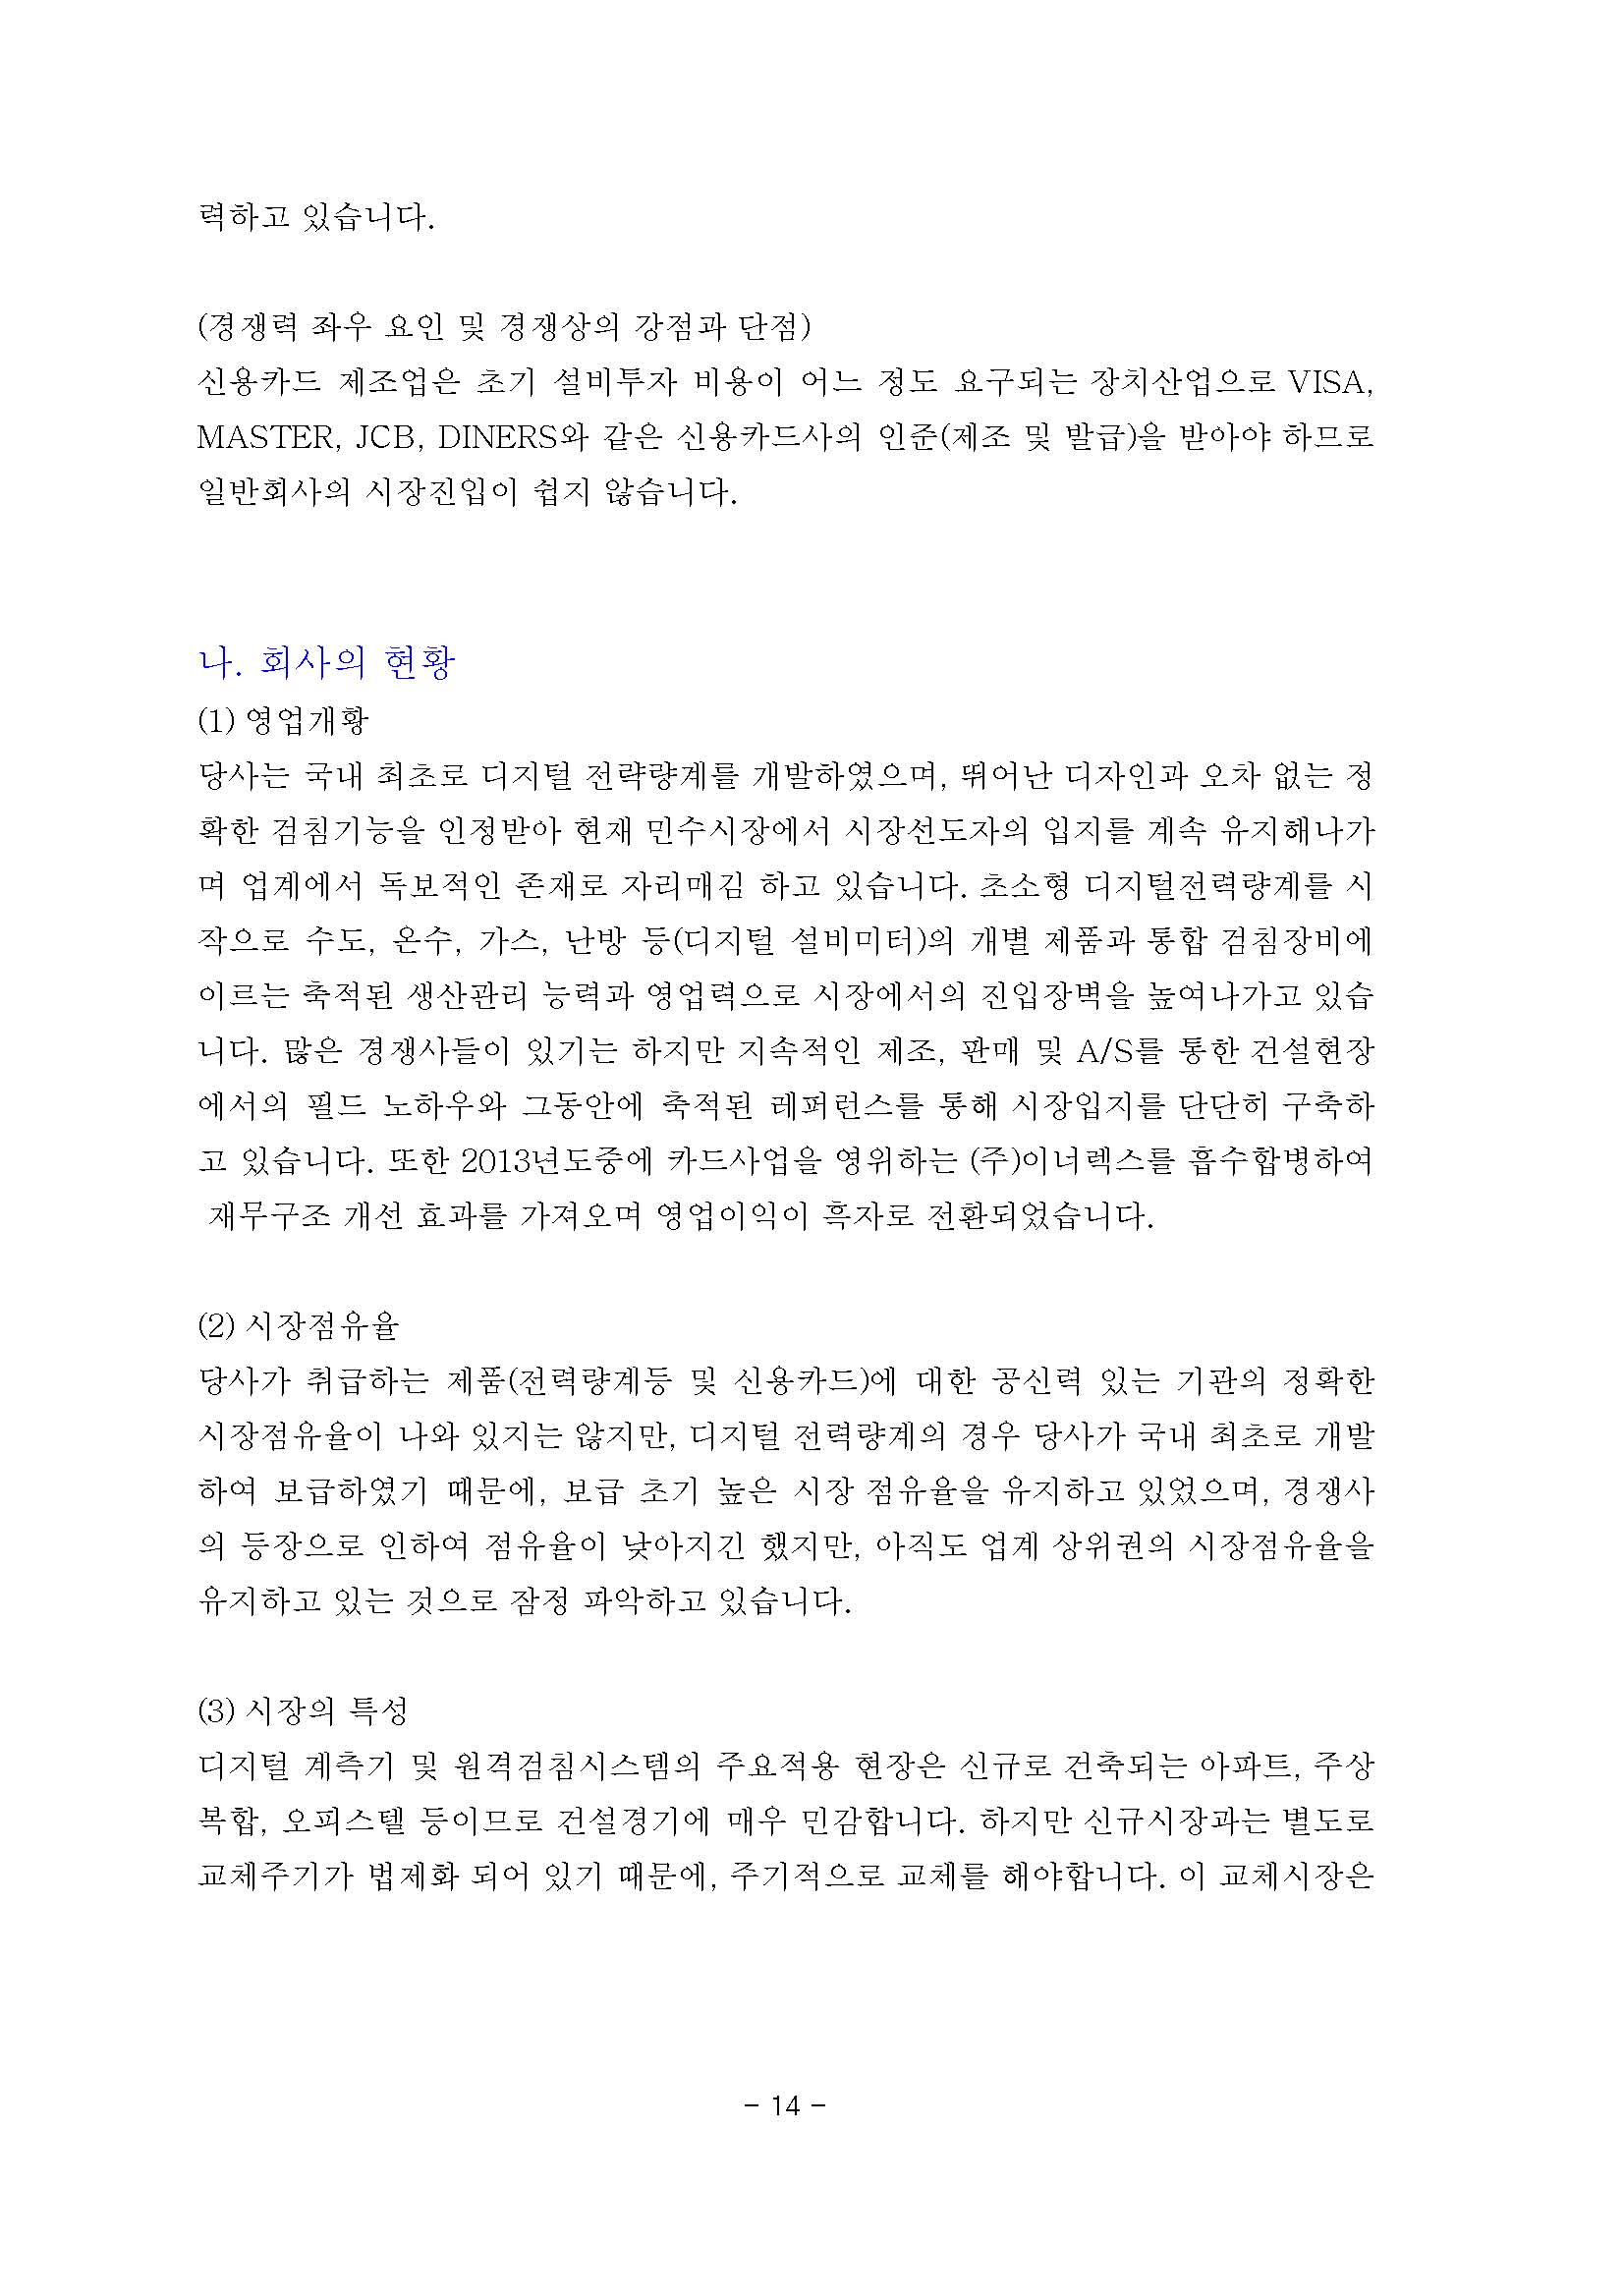 20160311 주주총회 소집공고-옴니시스템_페이지_15.jpg